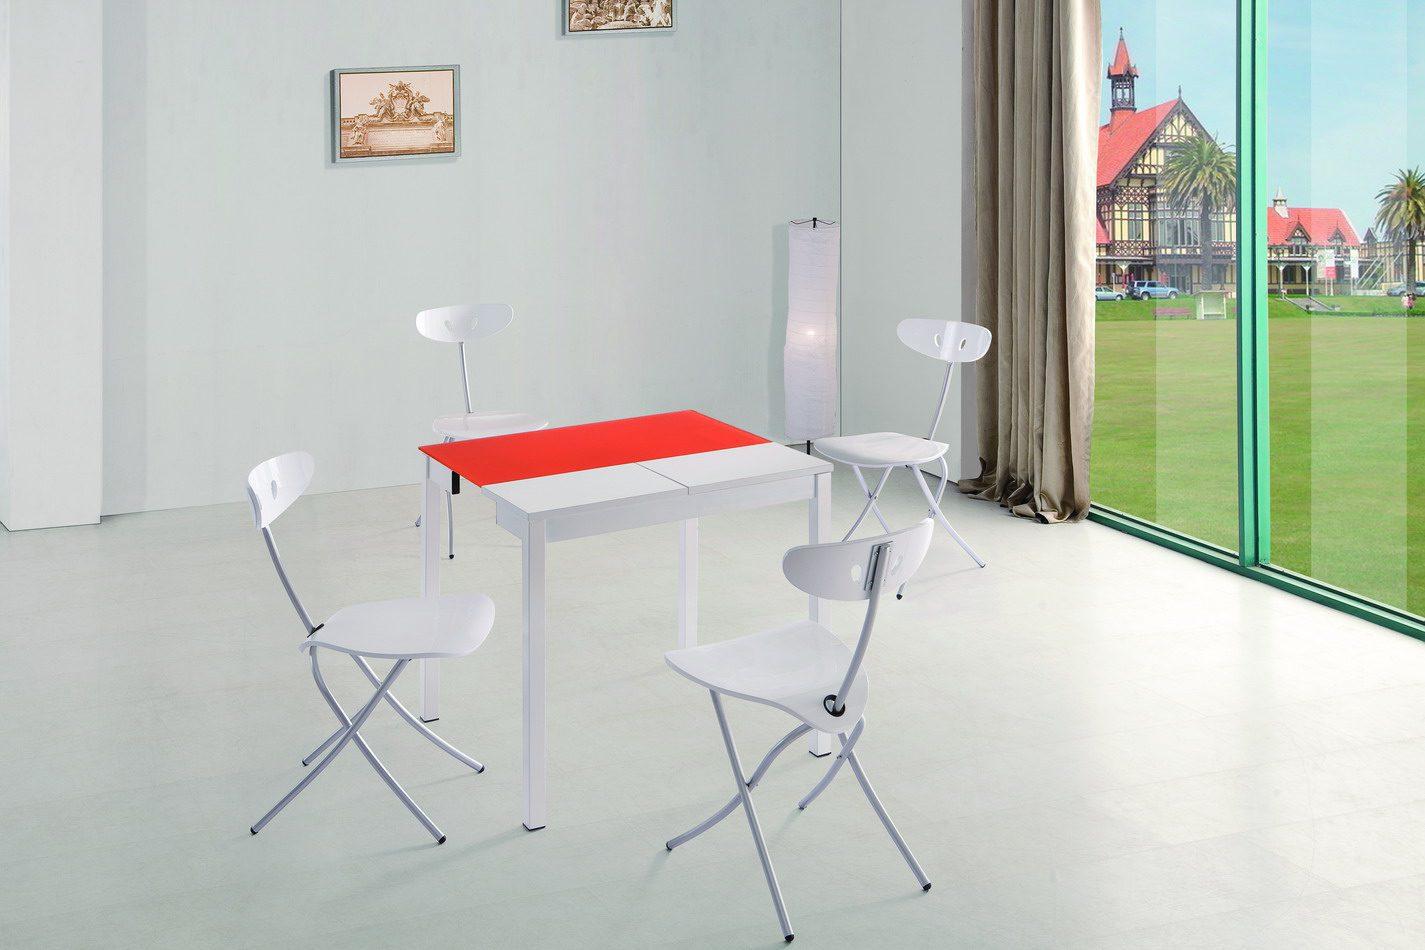 Стол ESF LT2221 оранжевый, Стулья ESF 3391